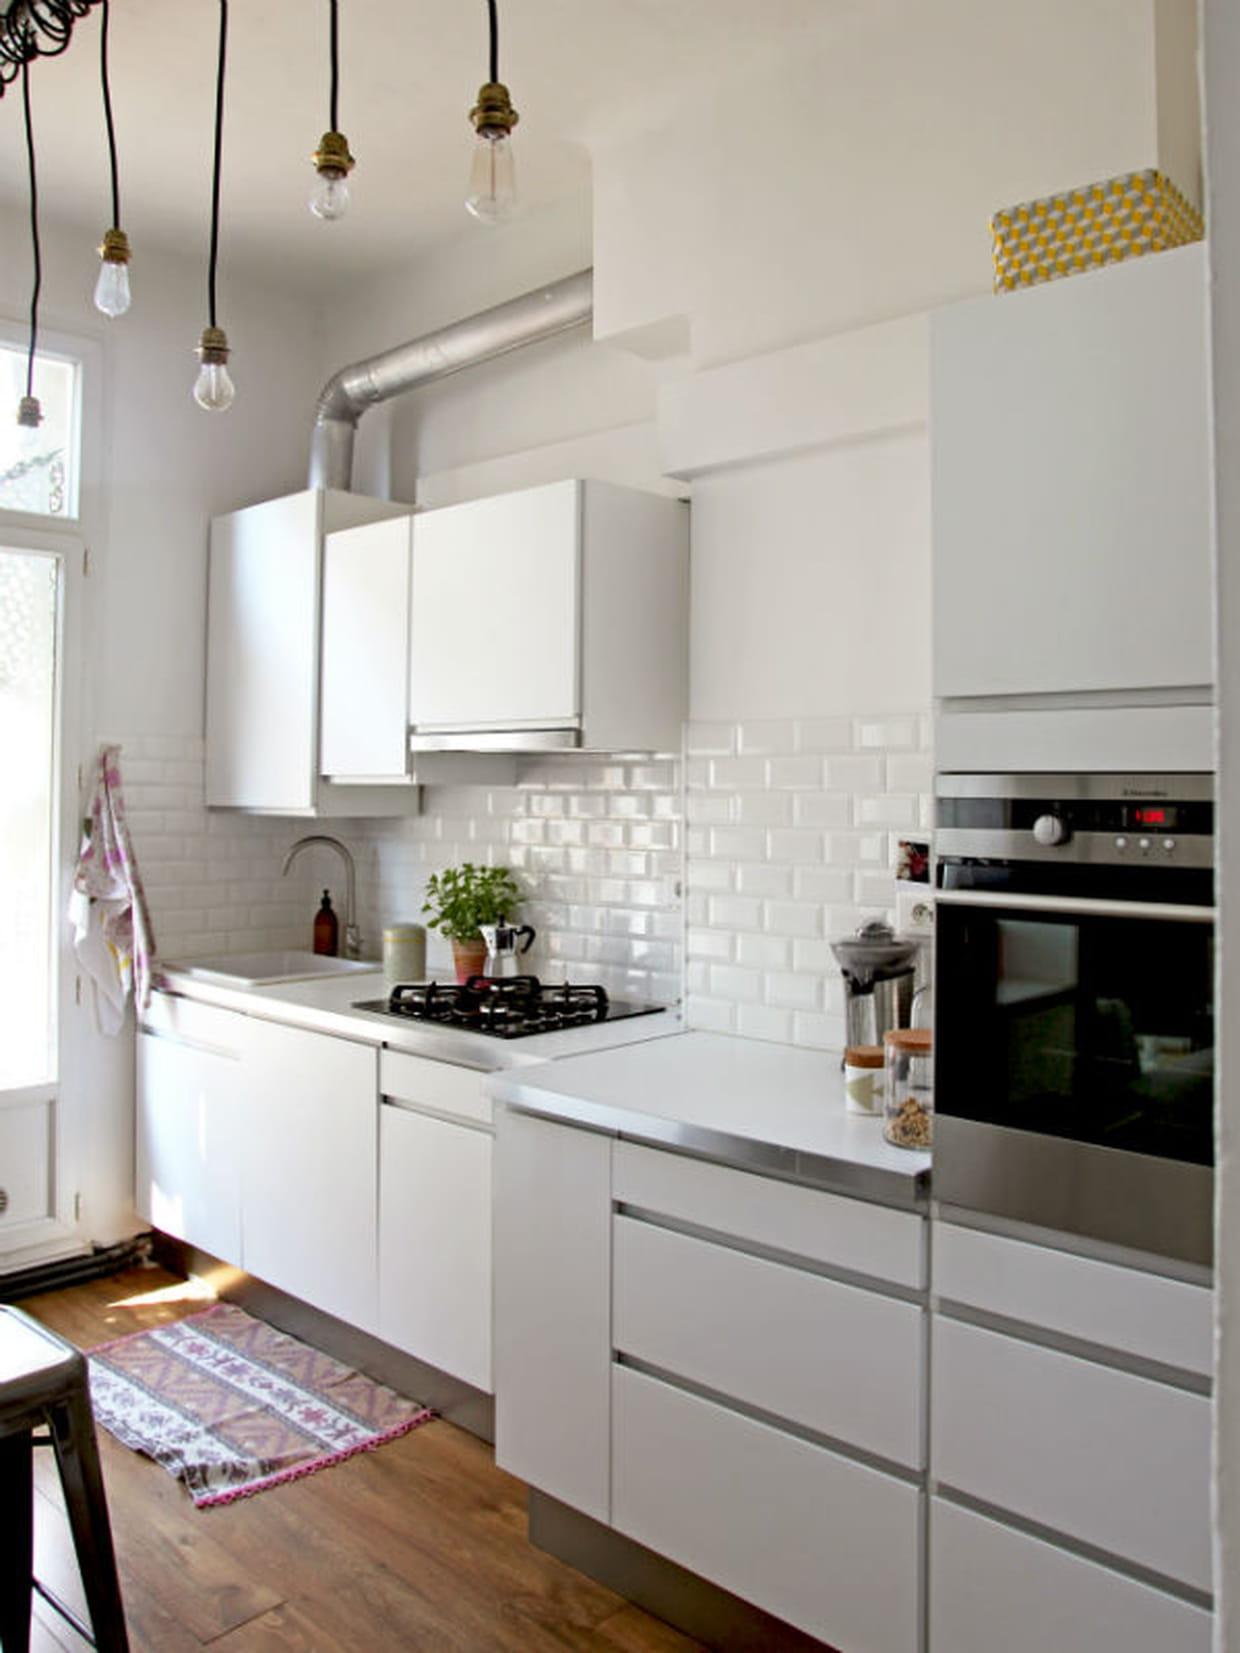 des meubles classiques pour une cuisine originale. Black Bedroom Furniture Sets. Home Design Ideas